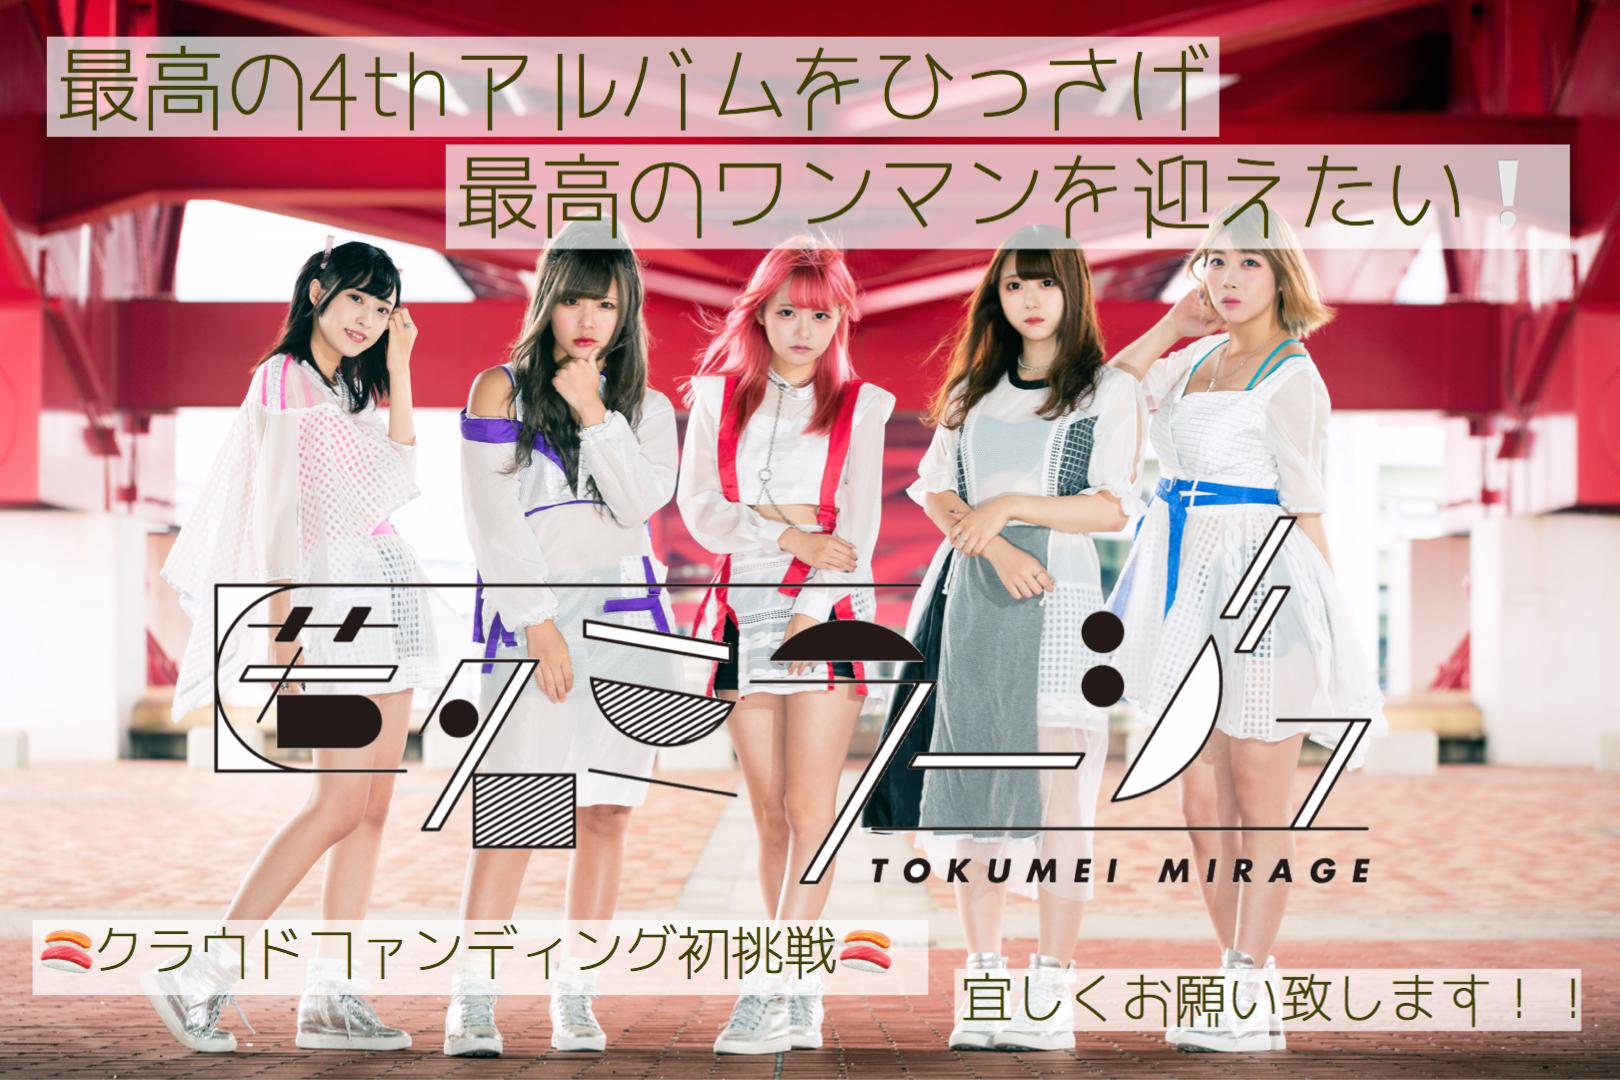 【匿名ミラージュ】4thアルバムを最高のクオリティにしてワンマンを向かえたい!アルバム制作キャンペーン!!